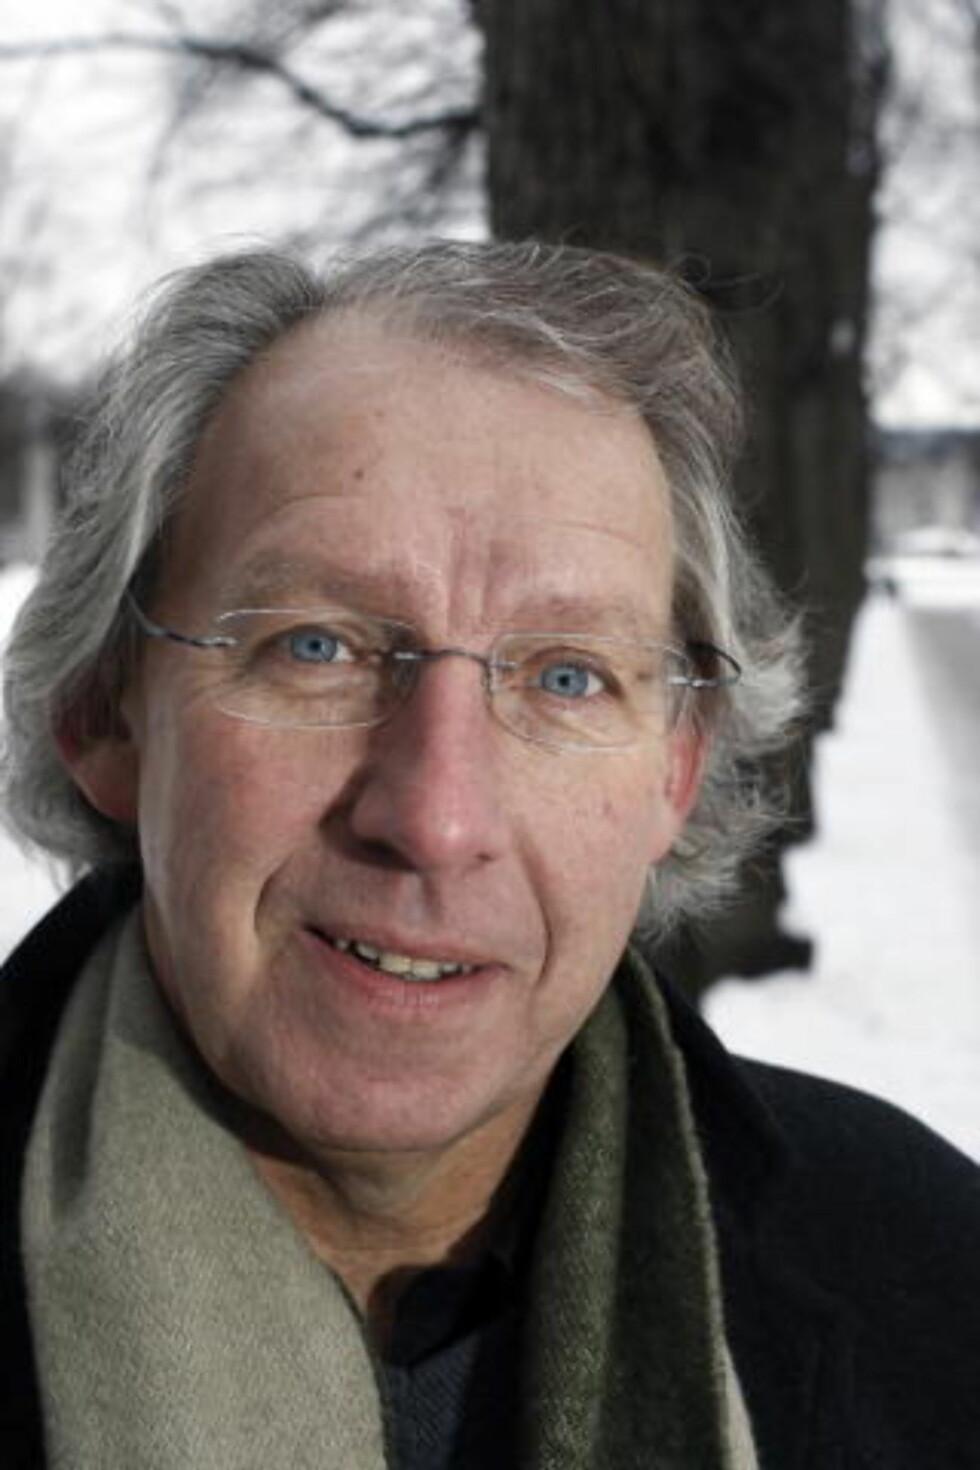 PROBLEMATISK: Carl-Erik Grimstad mener trenden med selvbiografiske romaner stiller nye krav til etiske vurderinger.